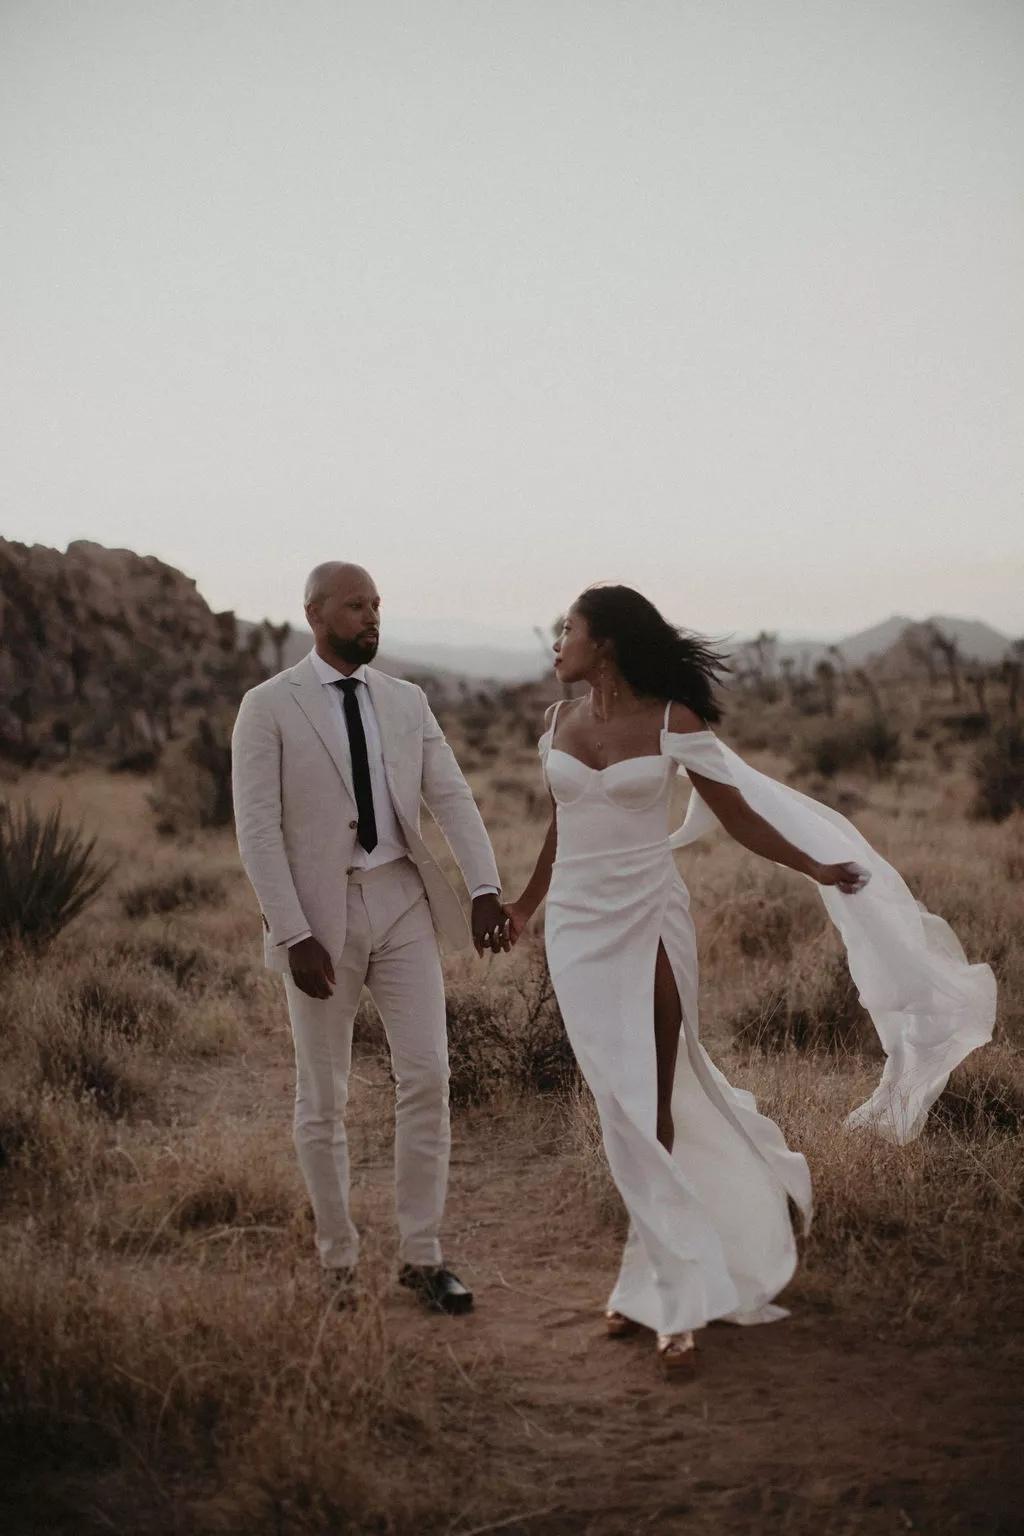 uLWZmpPCdqg - Найти свадебного ведущего оказалось проще простого